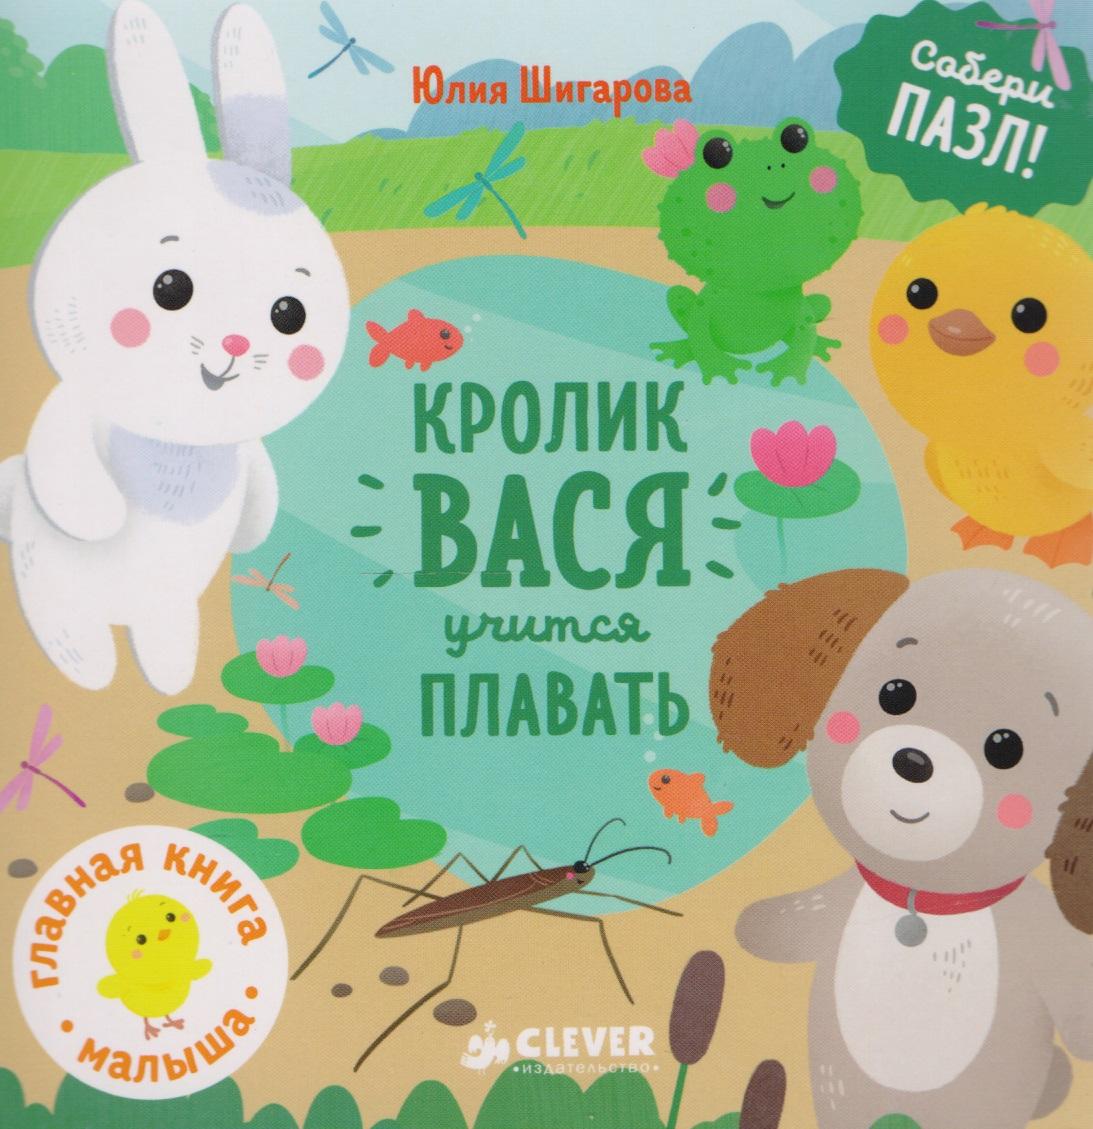 Шигарова Ю. Кролик Вася учится плавать шигарова ю кролик вася роет норку